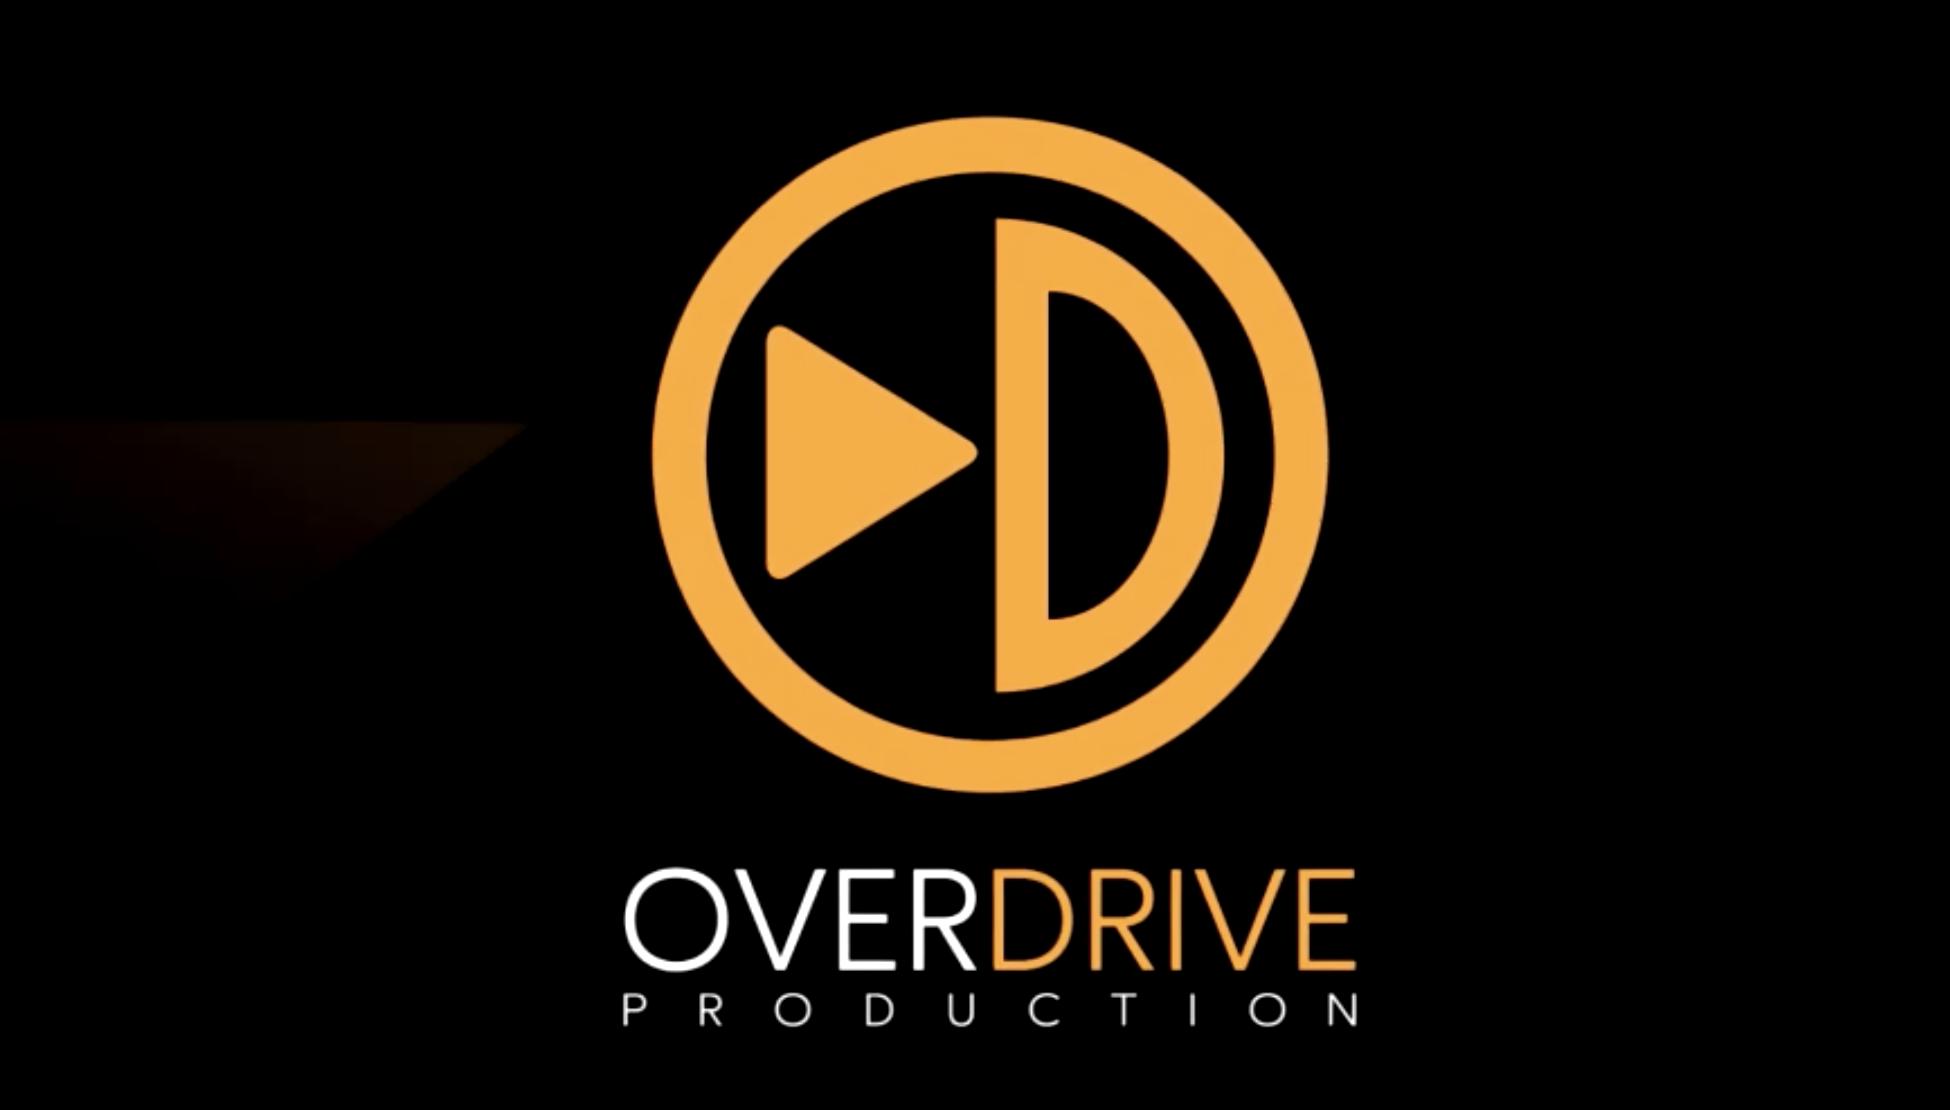 Overdrive Production lance une offre chantée pour les webradios